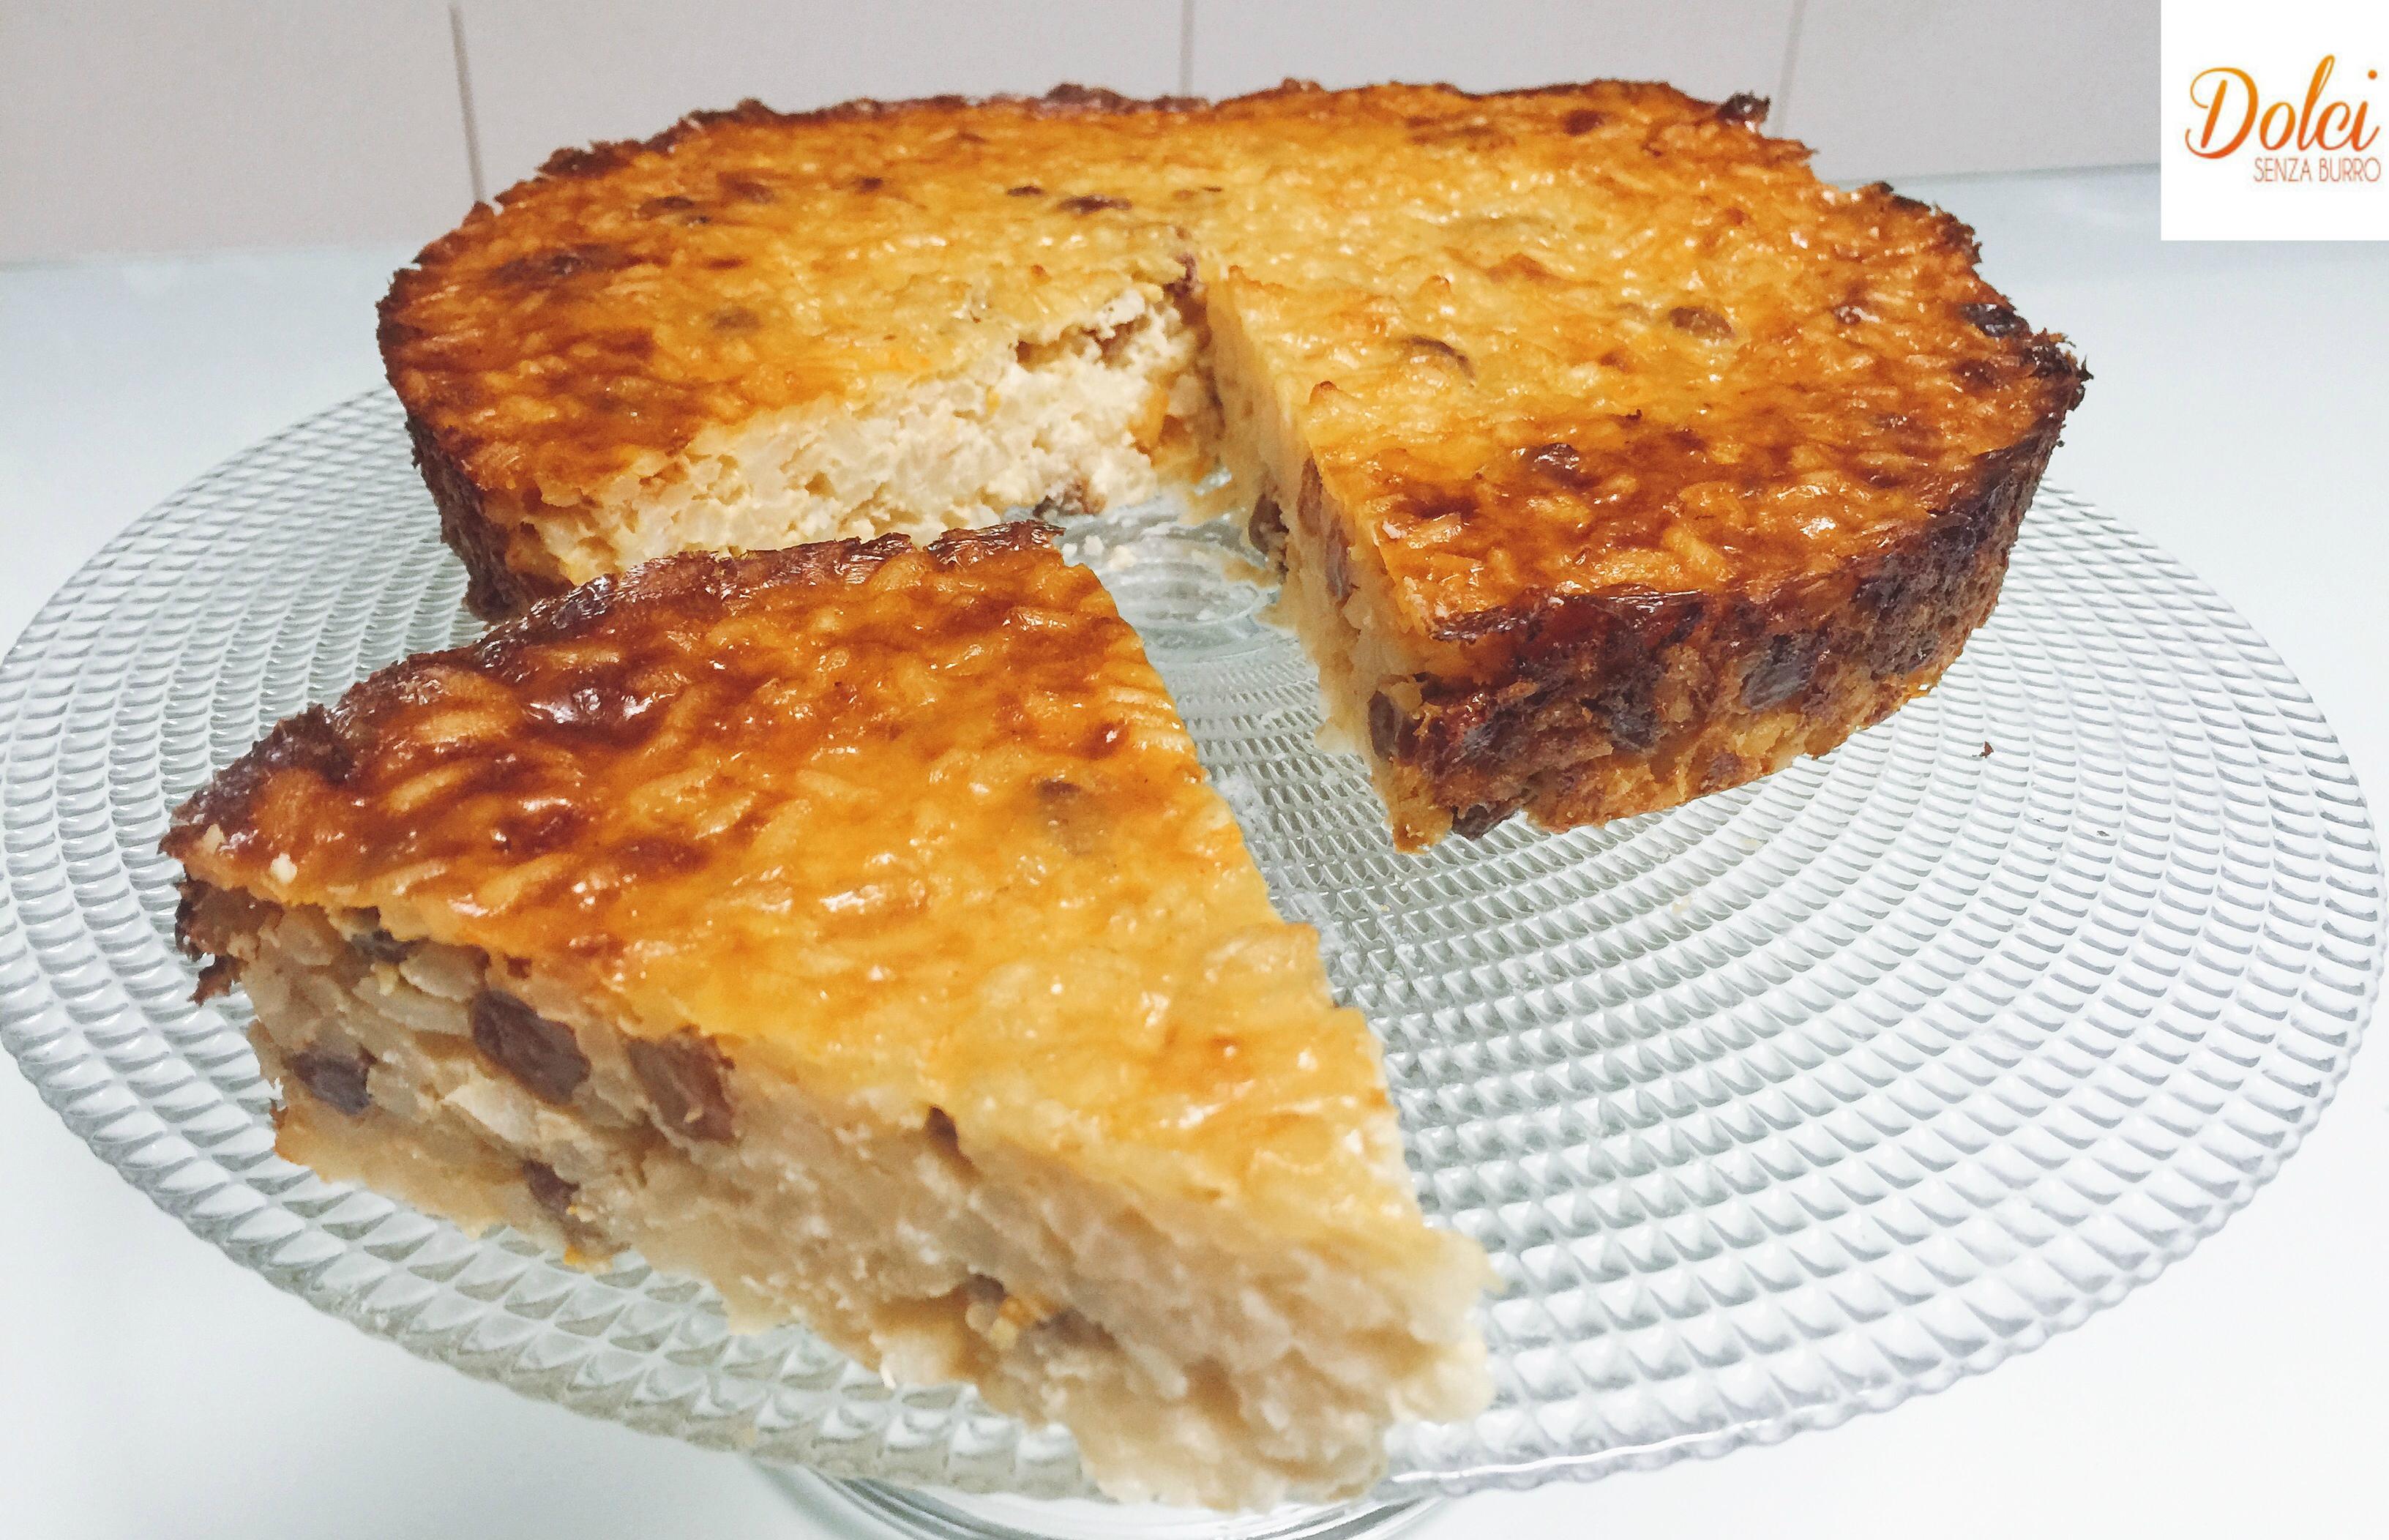 Torta di Riso Senza Uova e Burro, un dolce light adatto anche agli intolleranti di dolci senza burro